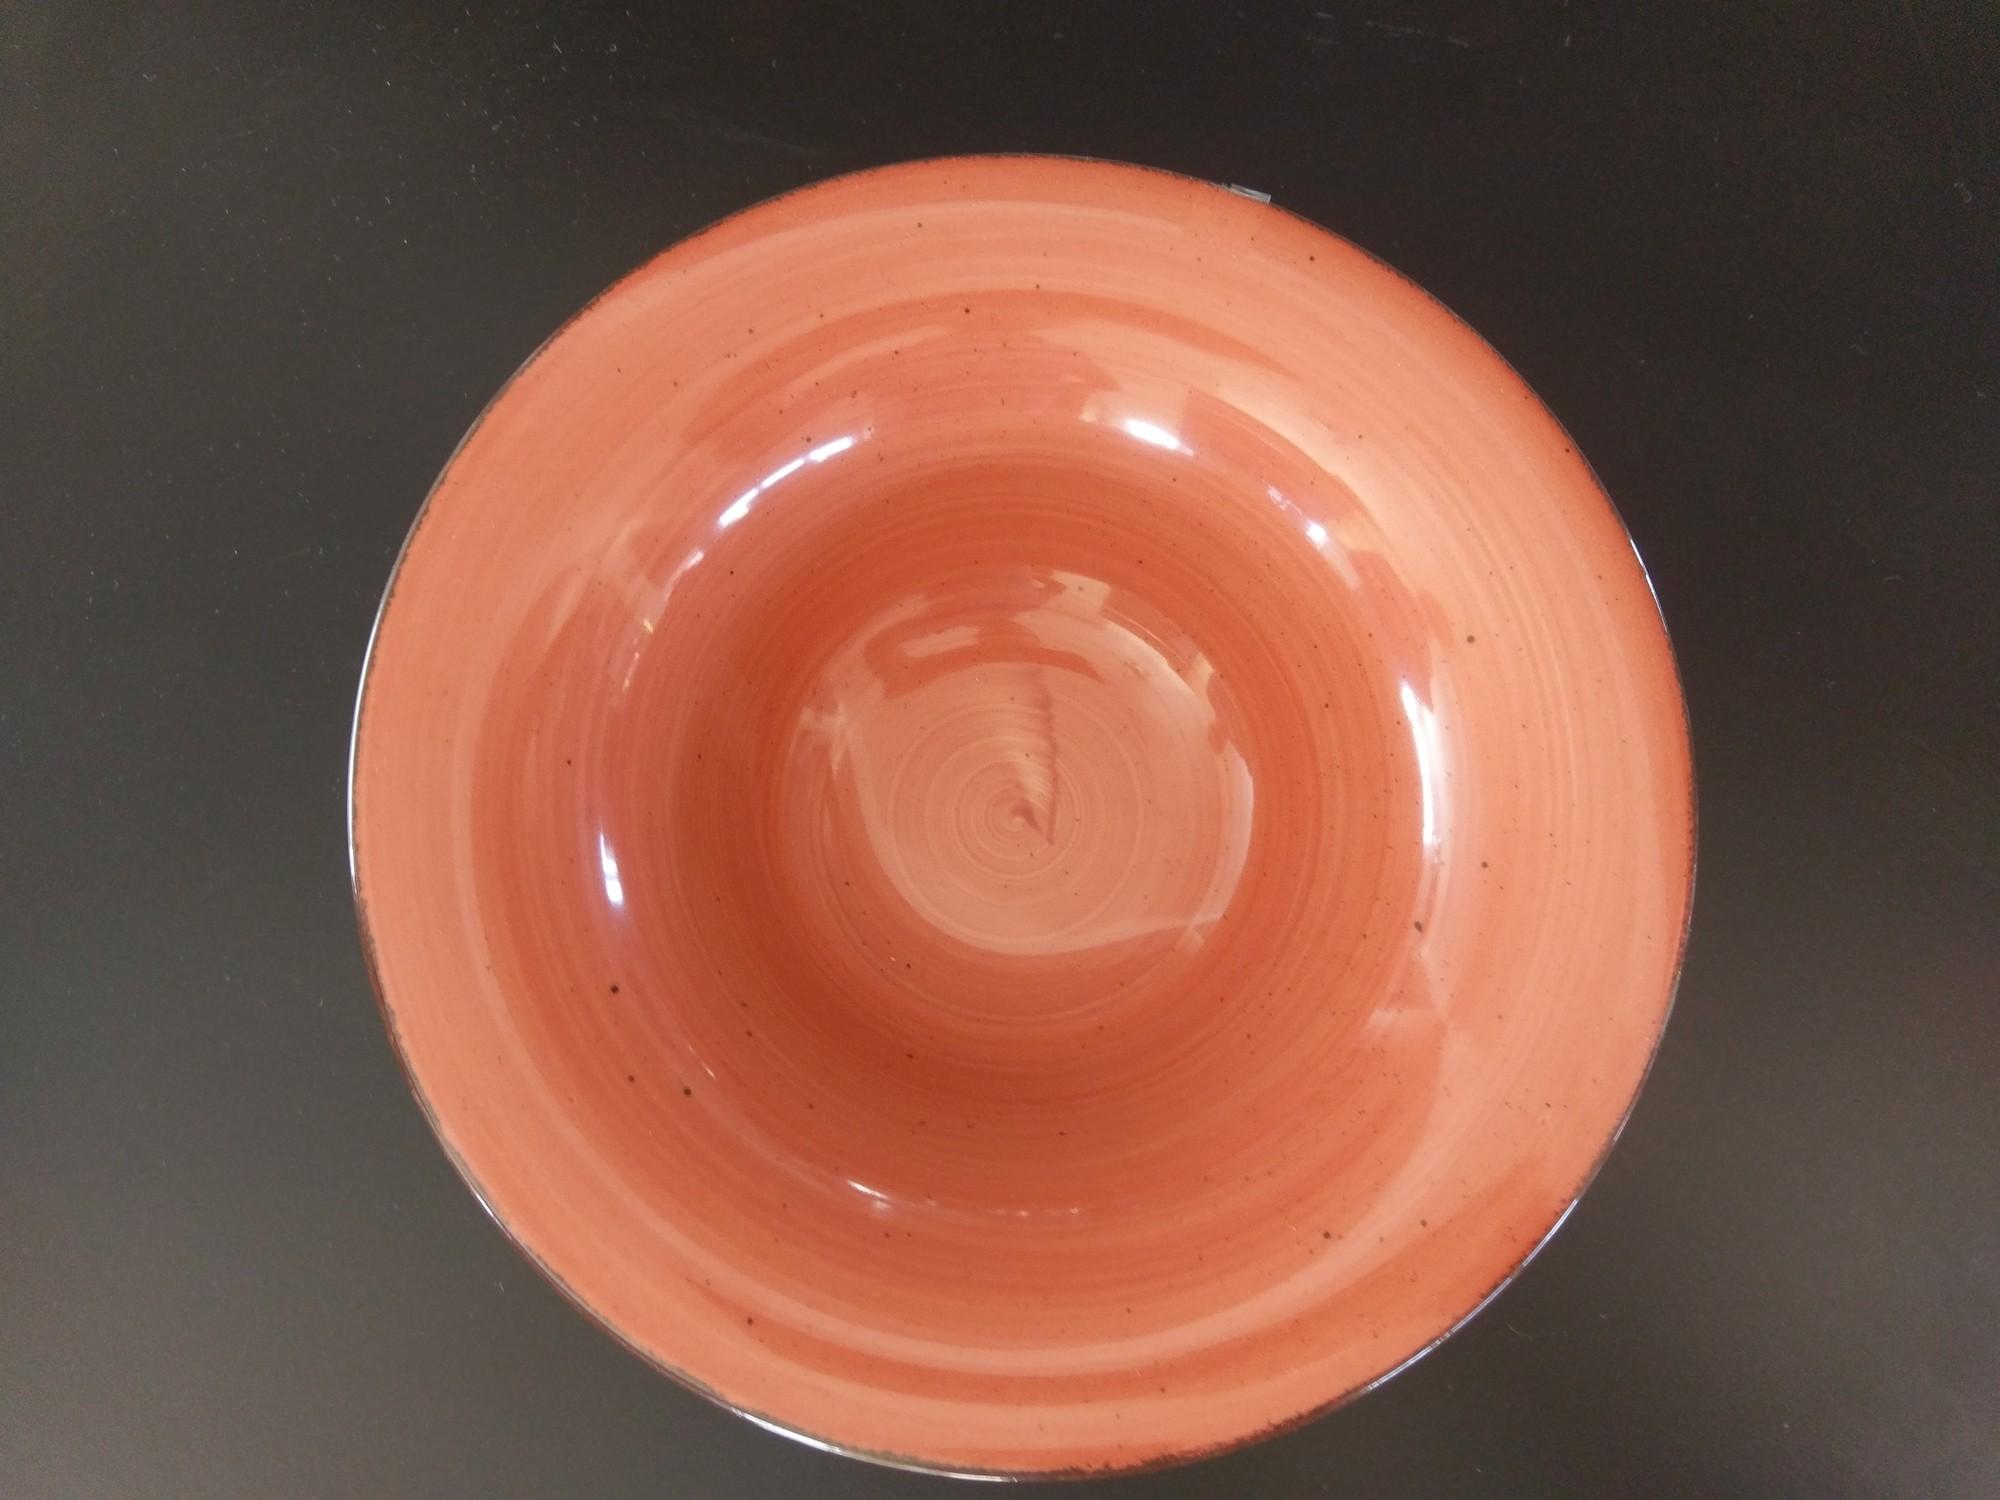 porculan, Lubiana, Jupiter, porculan u boji, tanjur u boji, tanjur za tjesteninu